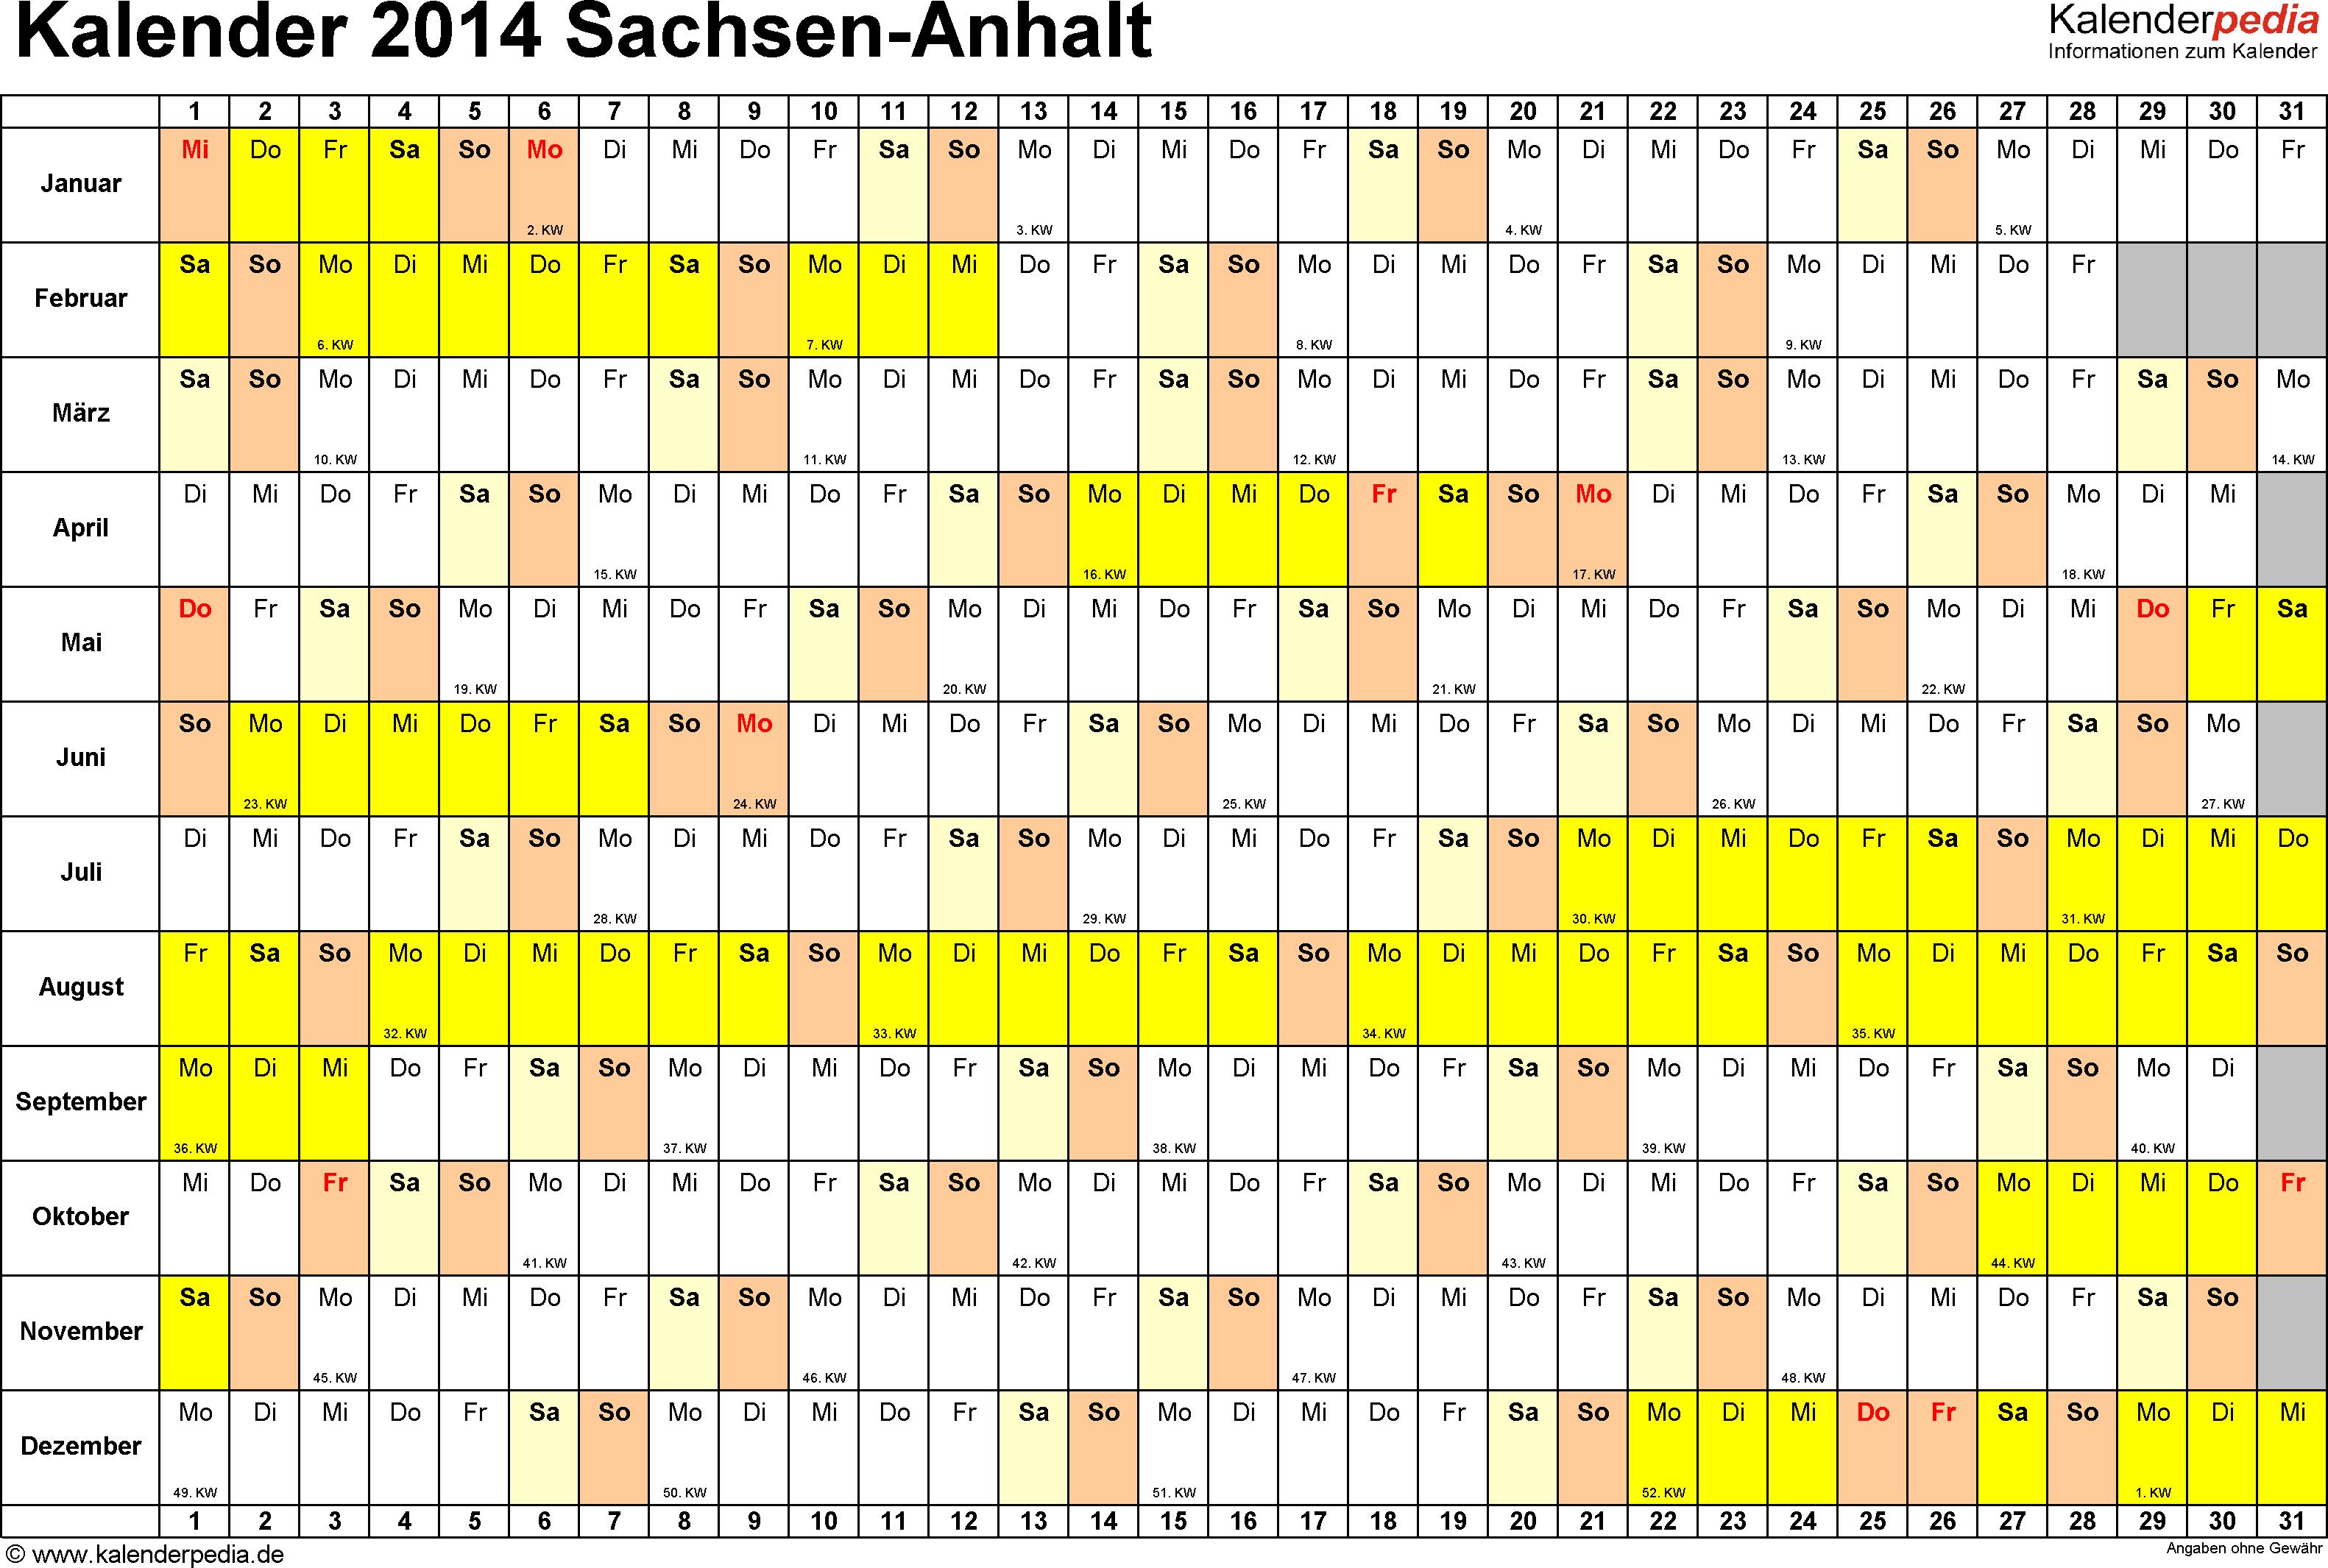 Vorlage 2: Kalender Sachsen-Anhalt 2014 im Querformat, Tage nebeneinander